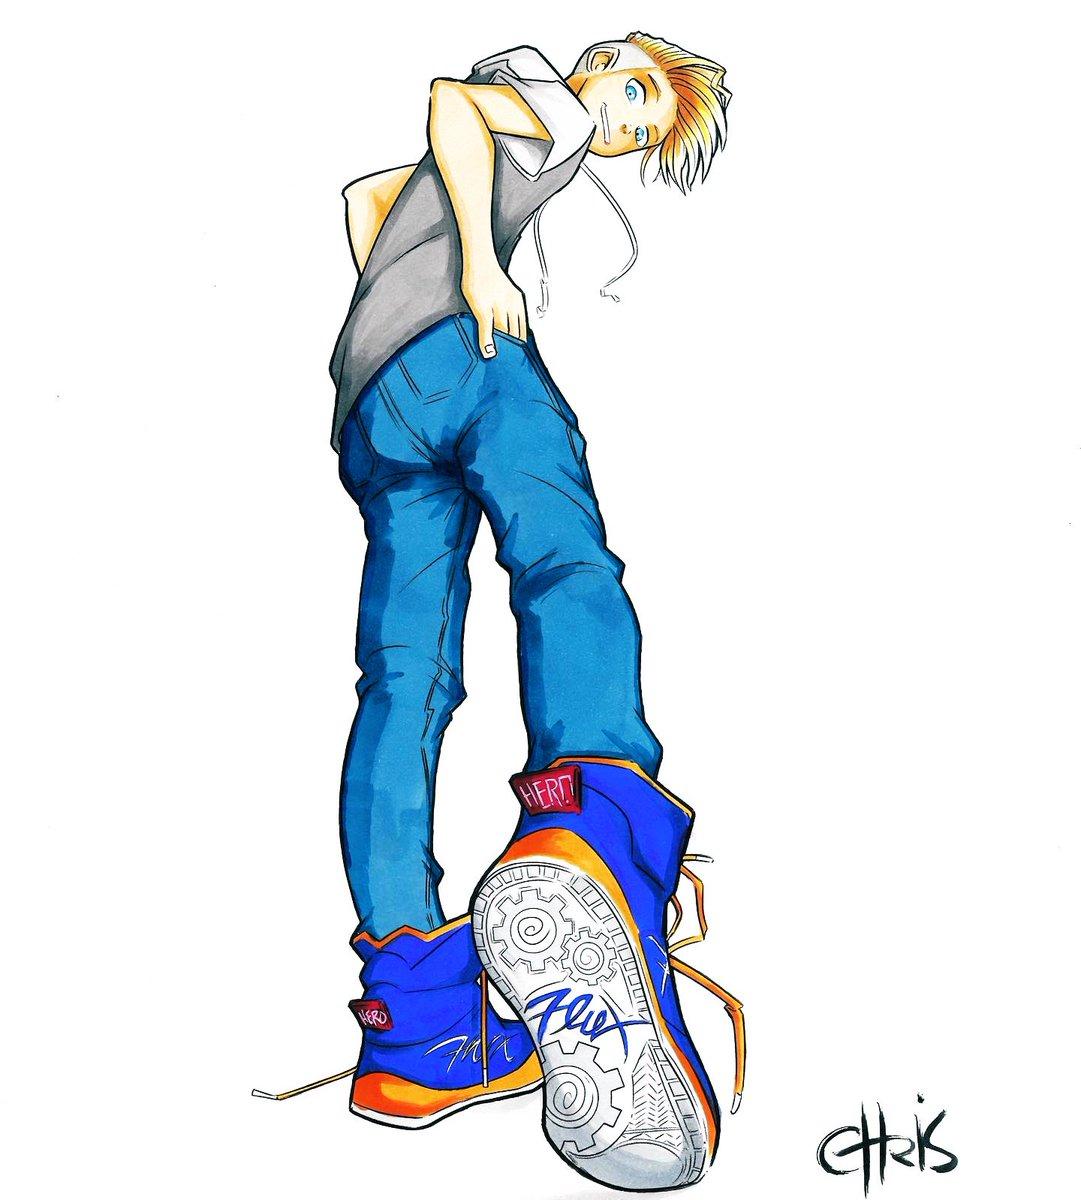 Hugo's SICK NEW KICKS   Insta http://www.instagram.com/fluxdestiny  #copic #copics #copicmarkers #copicwithus #sneakers #sneakersaddict #kickspic.twitter.com/yUhGiEEn1C